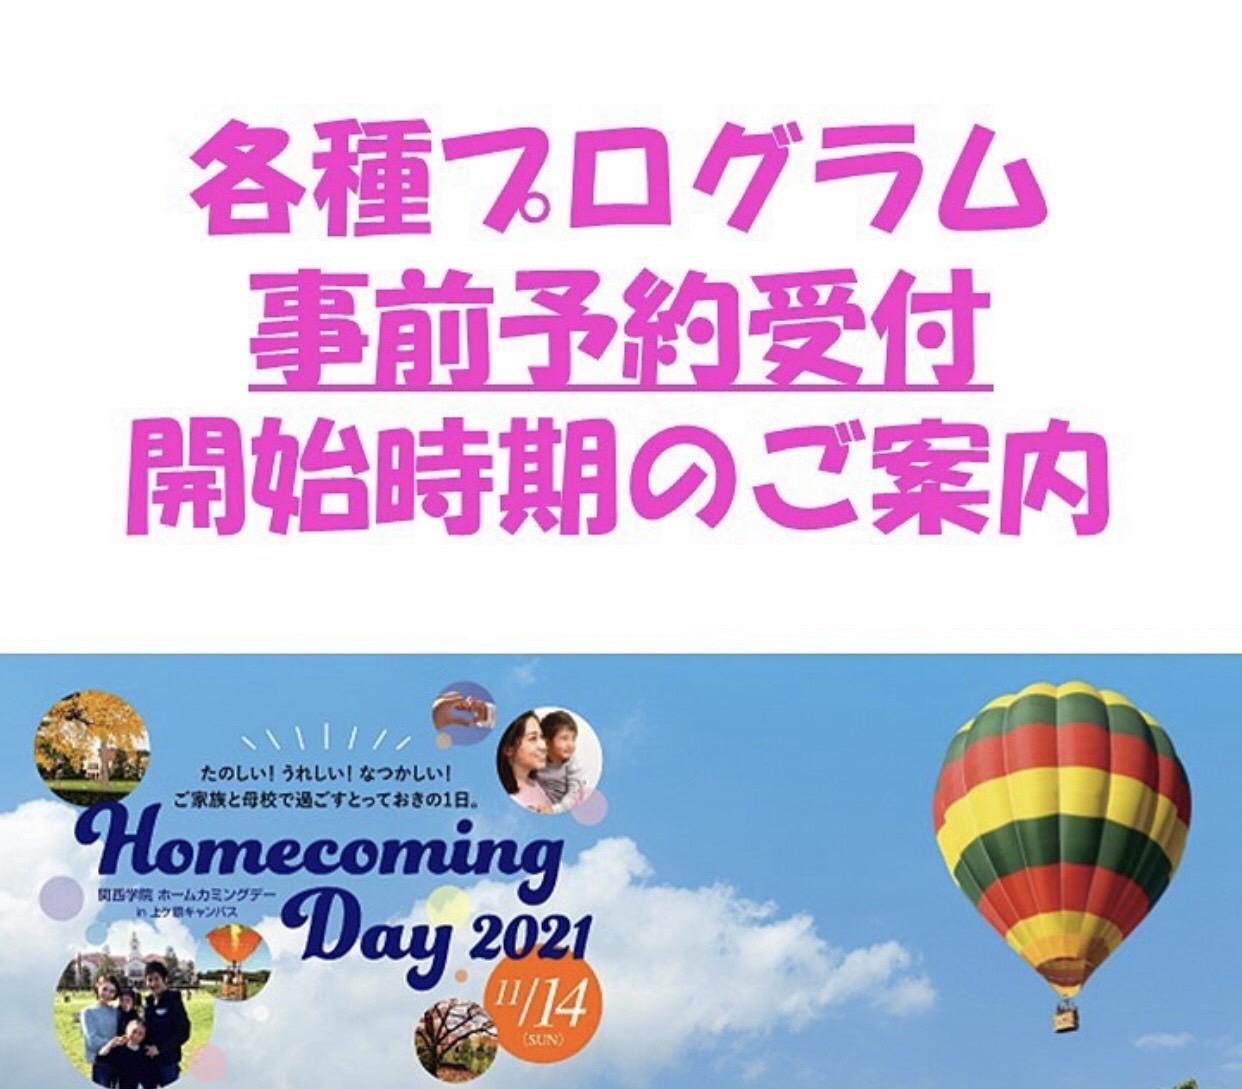 【ホームカミングデーにおけるプログラムの予約受付開始日について】